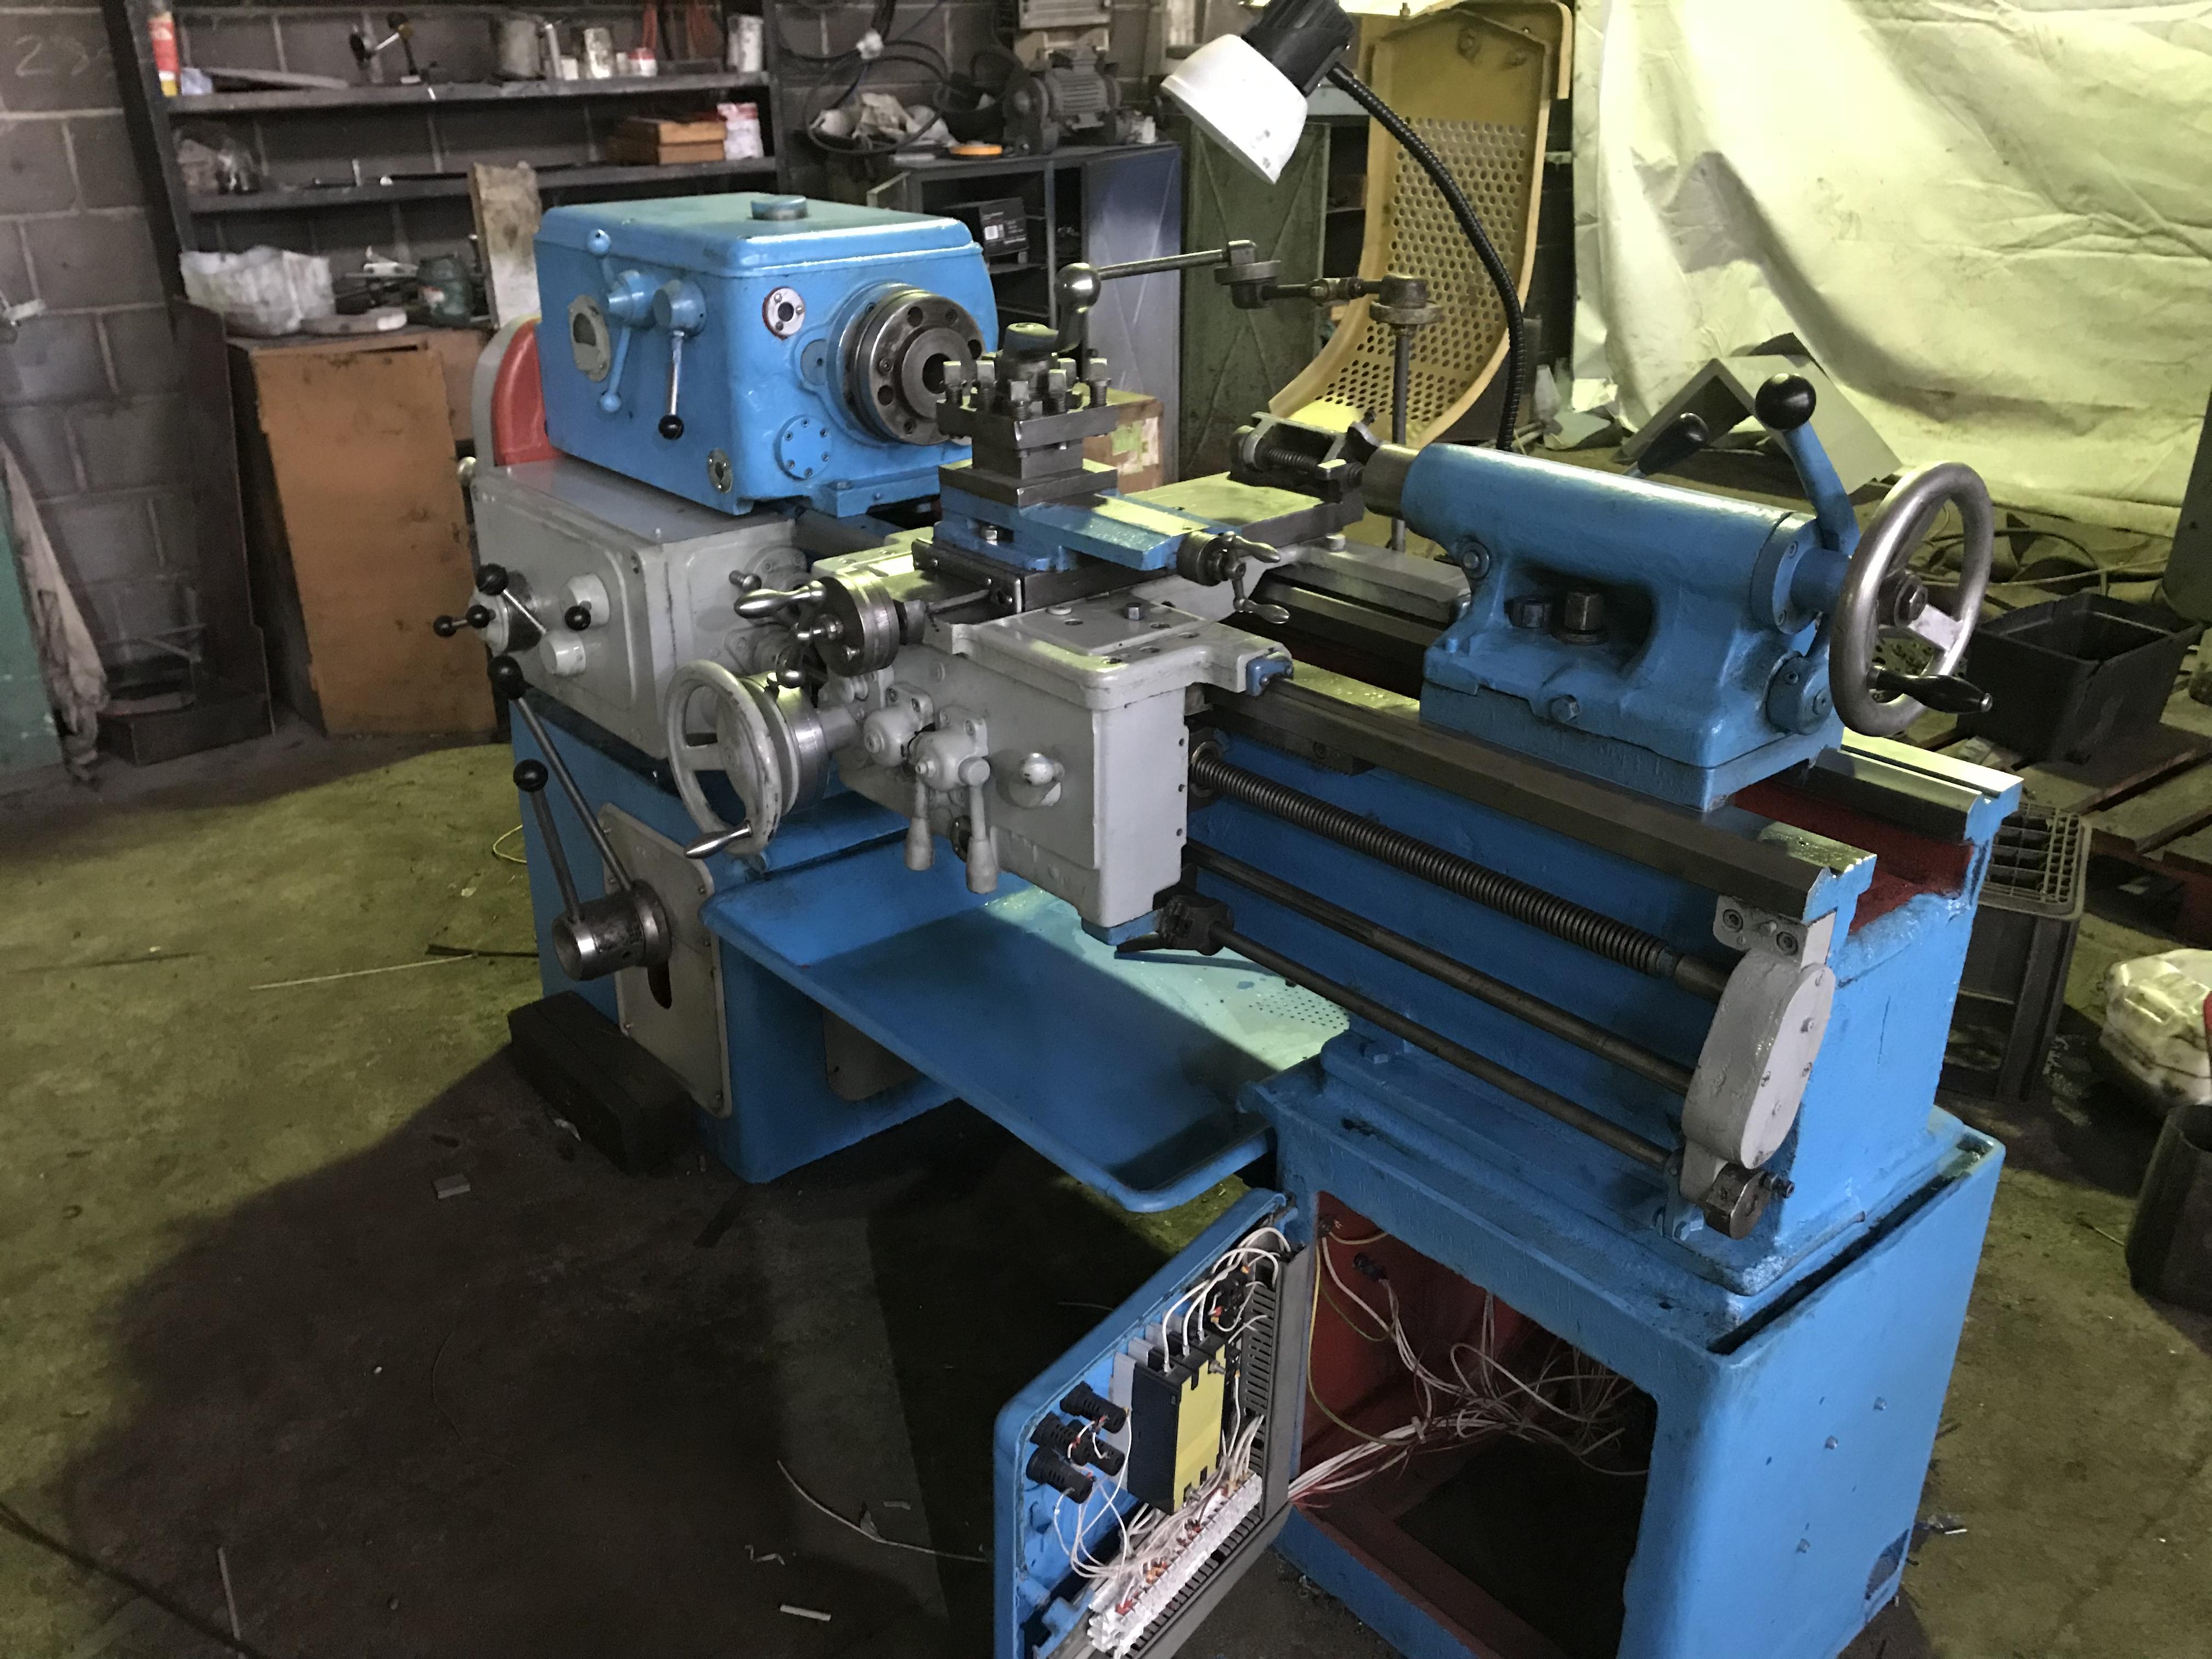 Выполнен капитальный ремонт токарно-винторезного станка 1А616